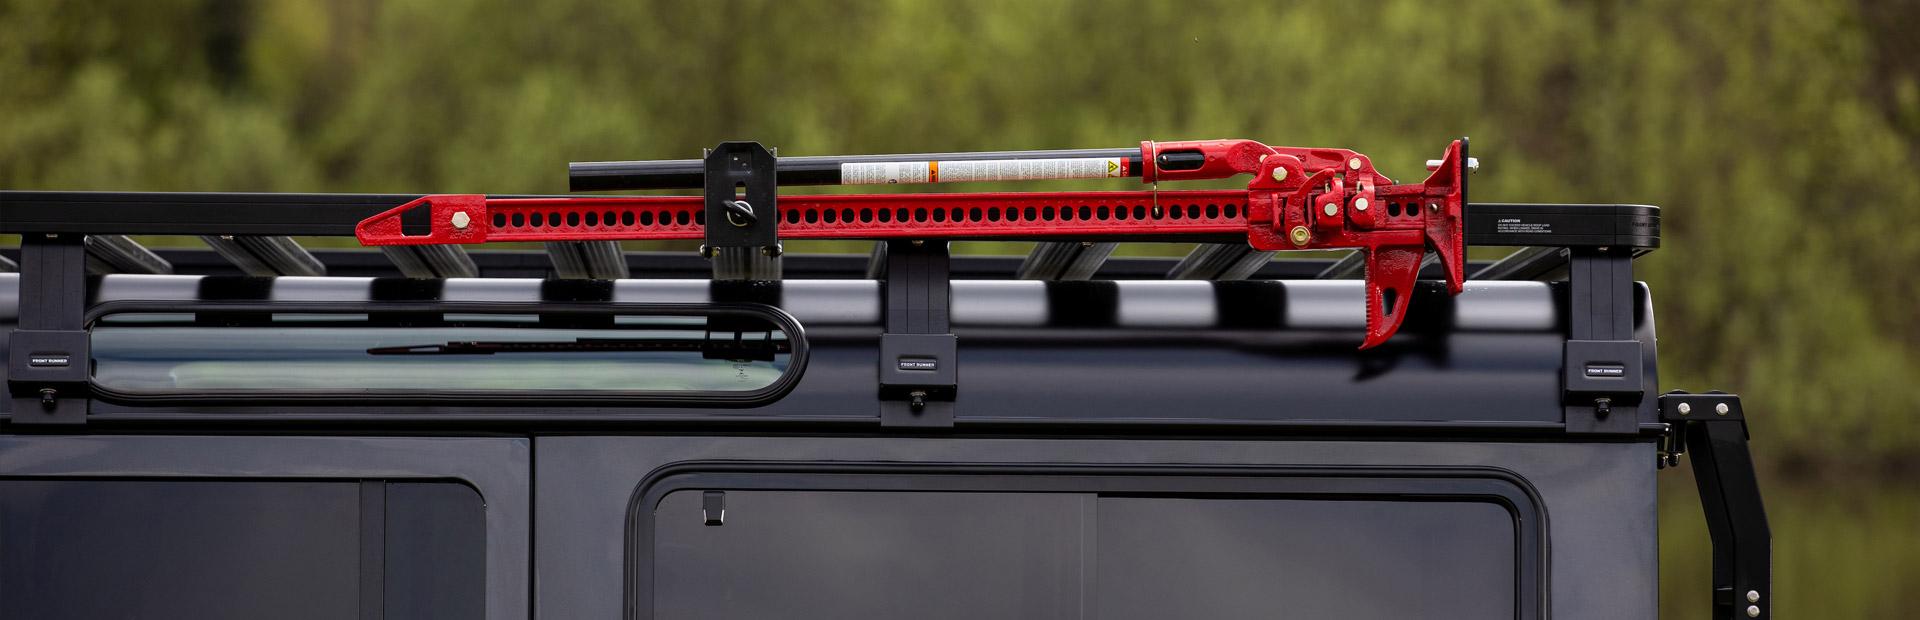 Arkonik Overland - Custom built Land Rover Defender 110